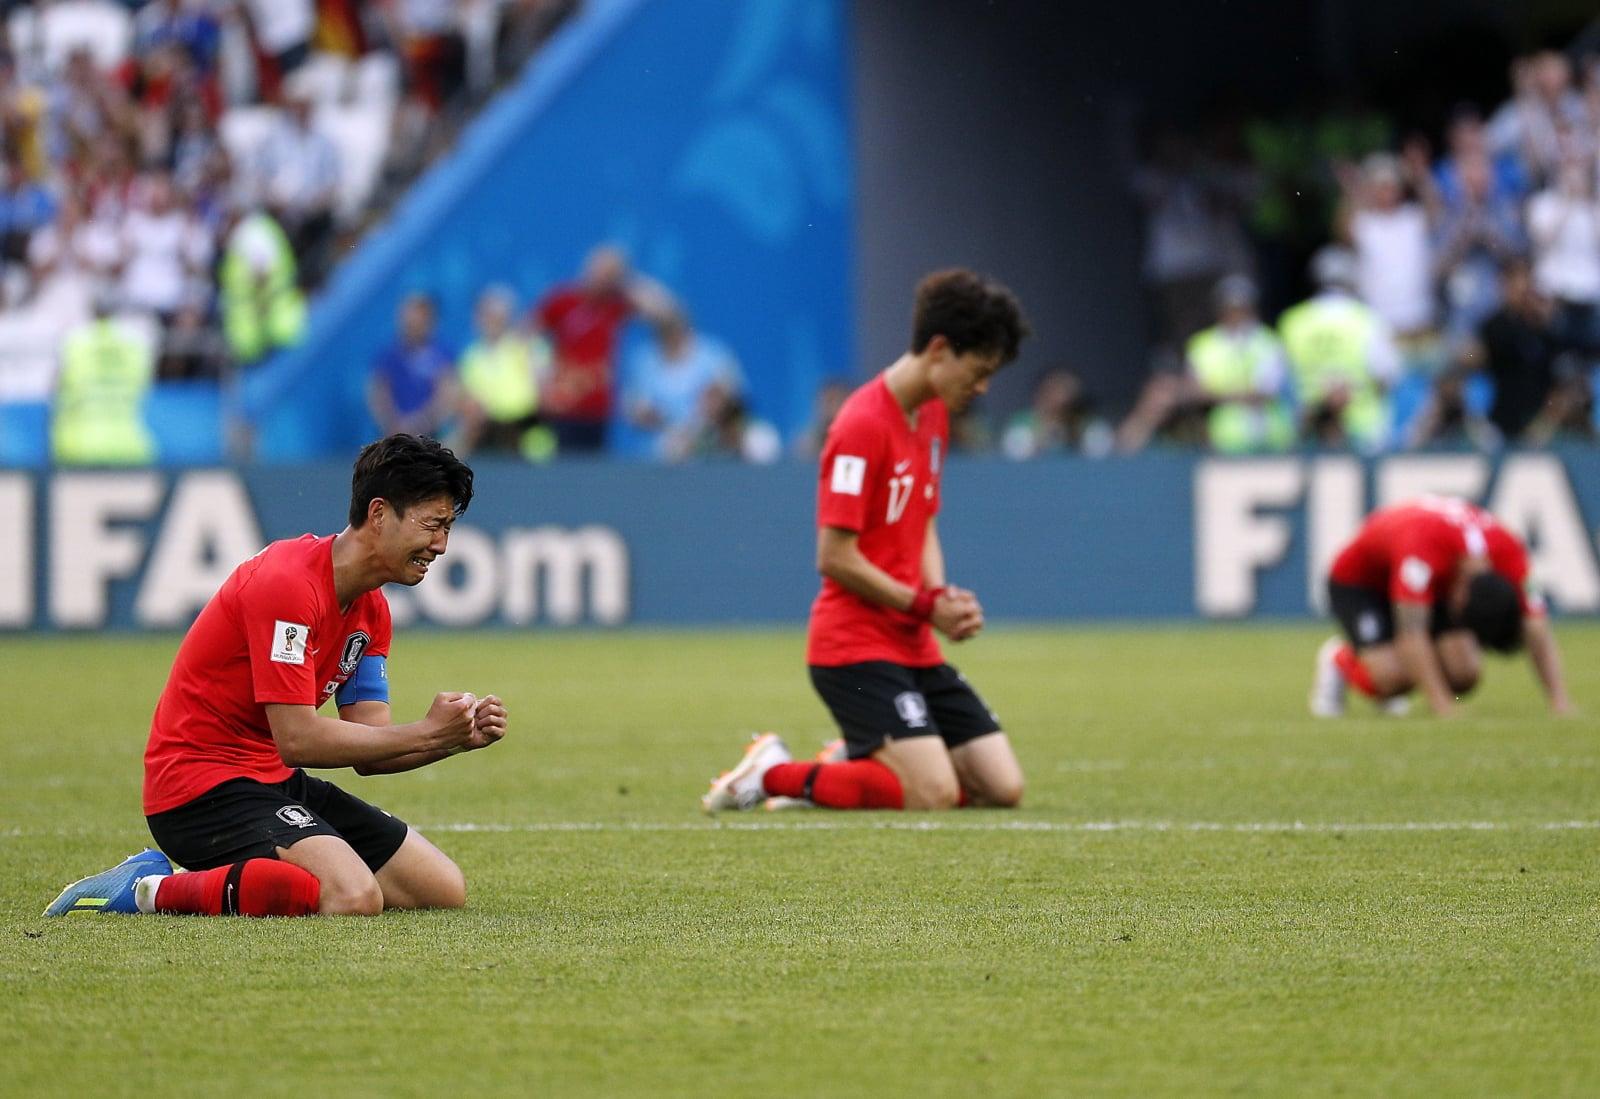 Reakcja zawodników Korei Południowej po wygranym meczu z Niemcami podczas Mistrzostw Świata FIFA 2018 w Rosji, fot.  EPA/SERGEY DOLZHENKO